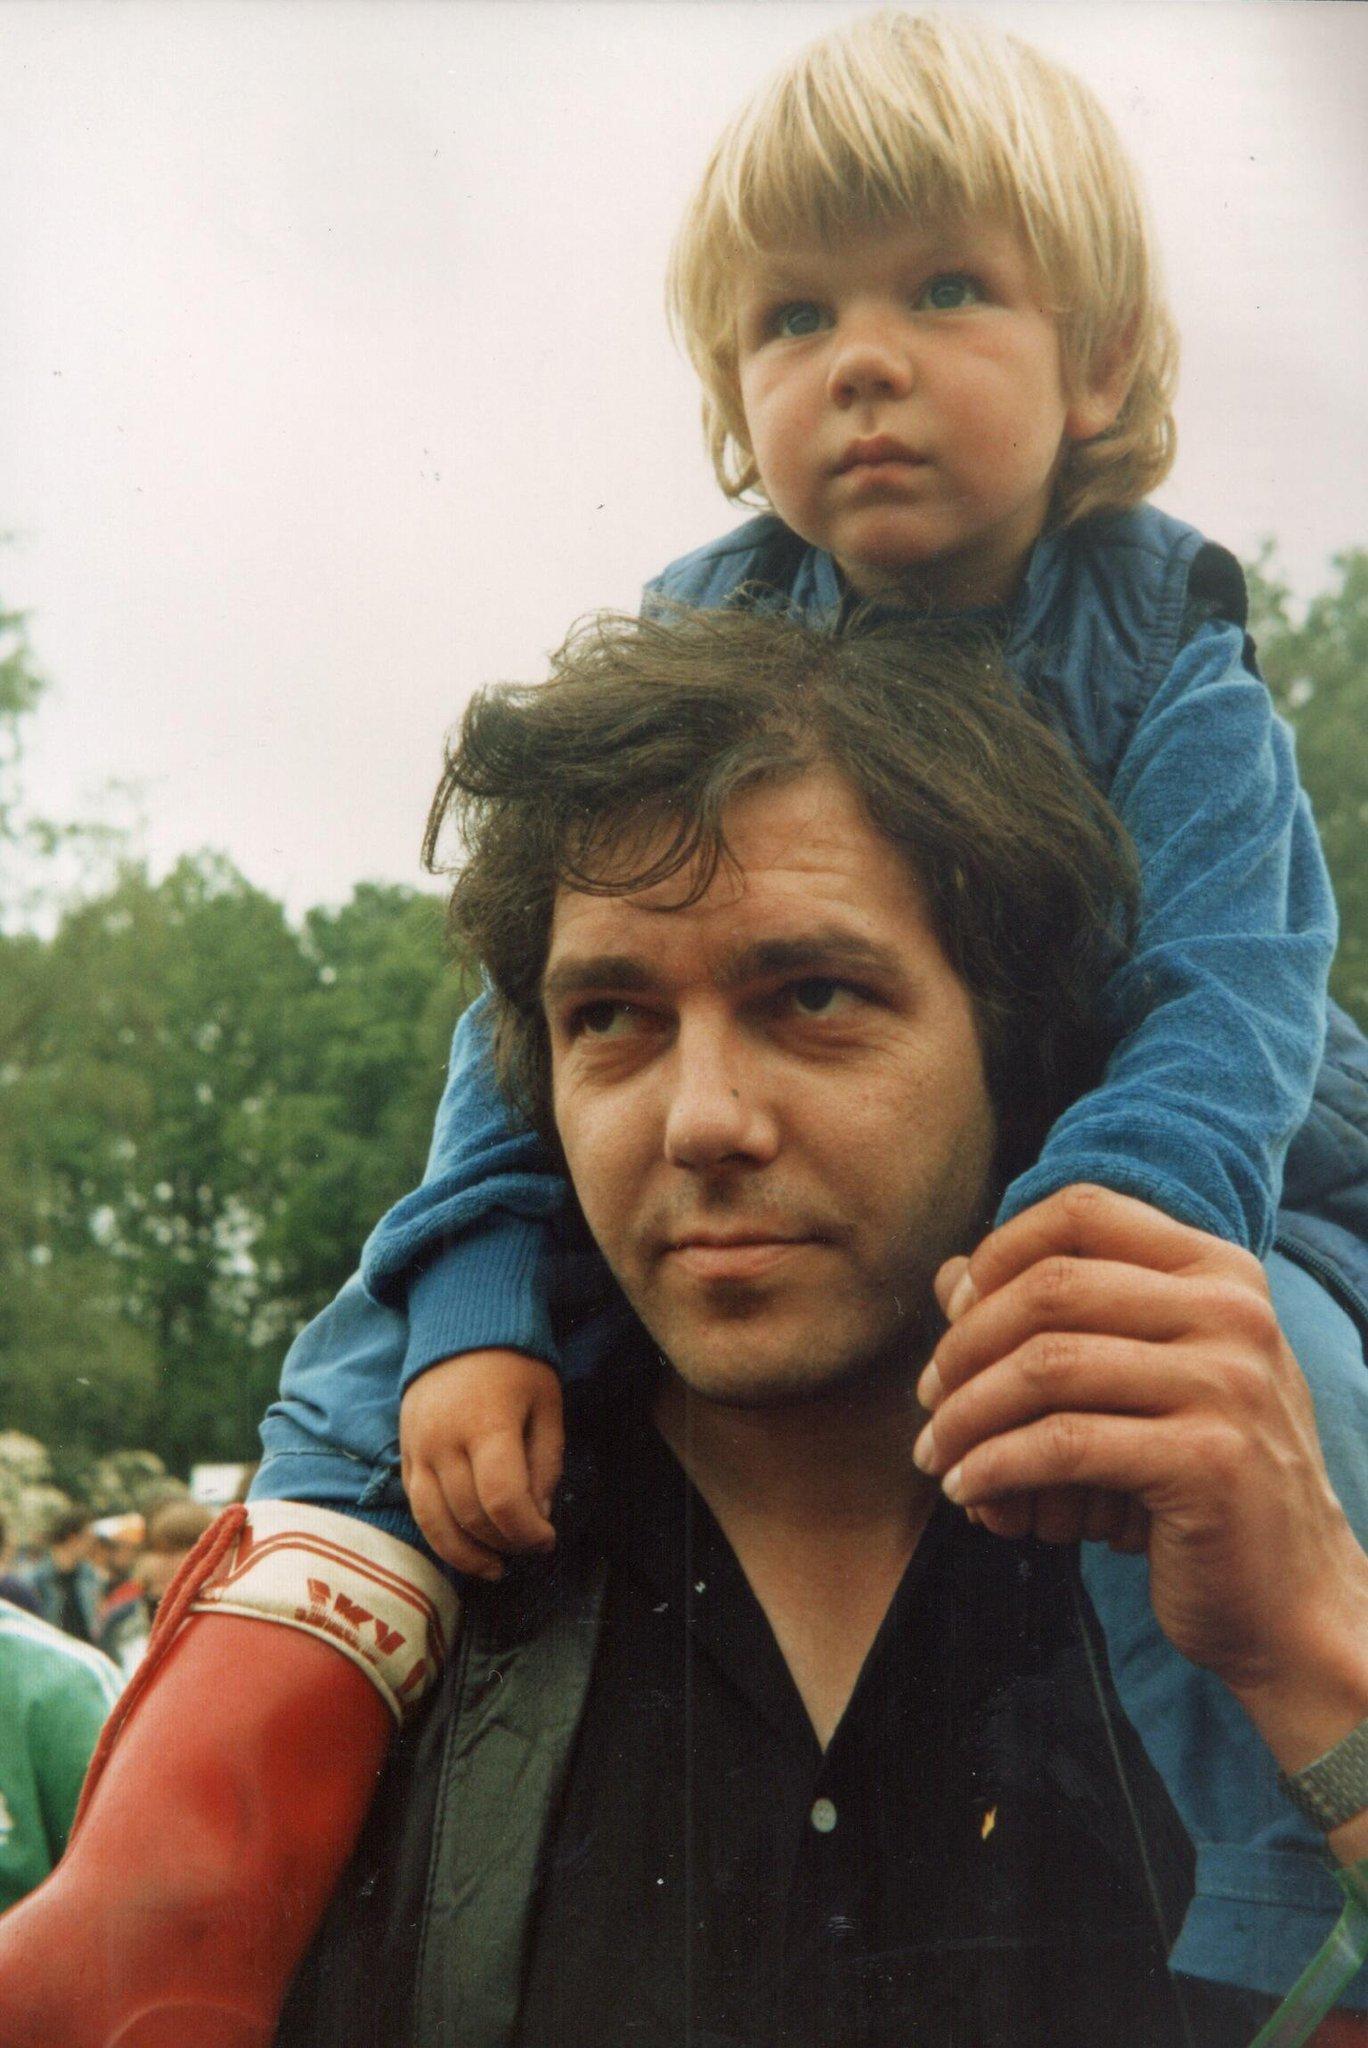 De 2 makers van het radioprogramma Weeshuis van de Hits (1981-1991) samen op de foto! Met dank aan Willem van Londen. http://t.co/jyUajTsywv